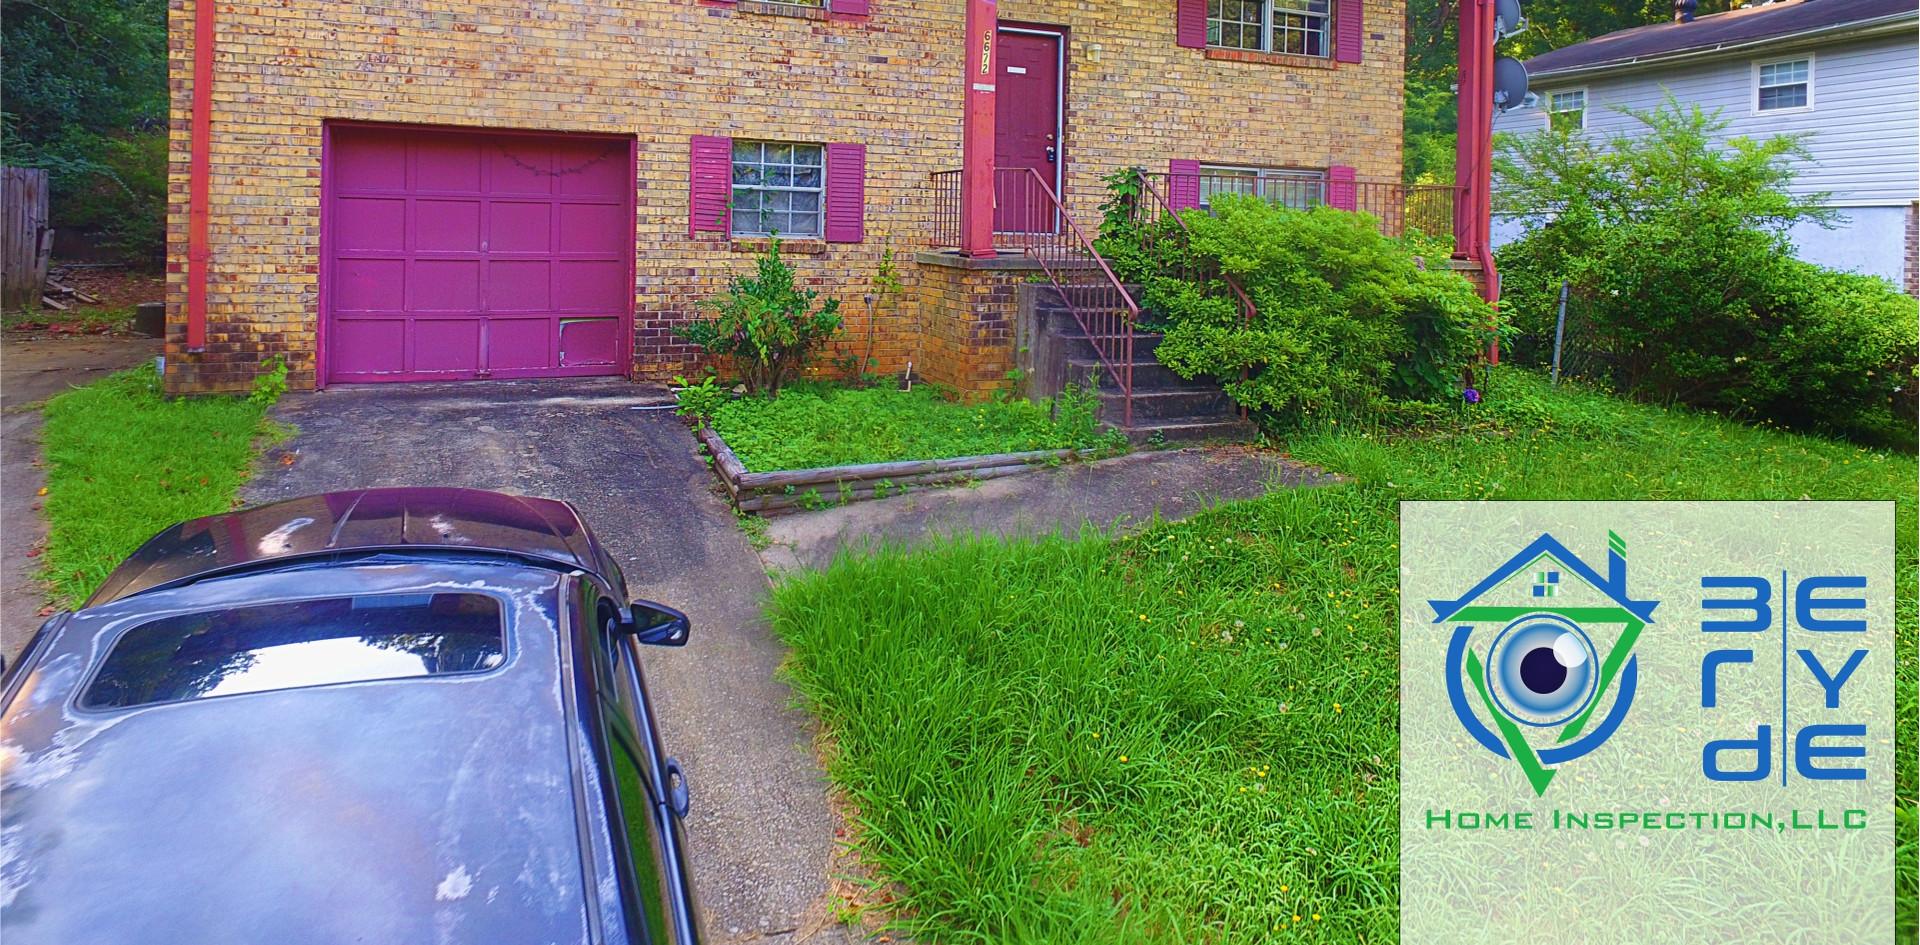 6672 Cambridge Dr_ 3rd EYE Home Inspecti